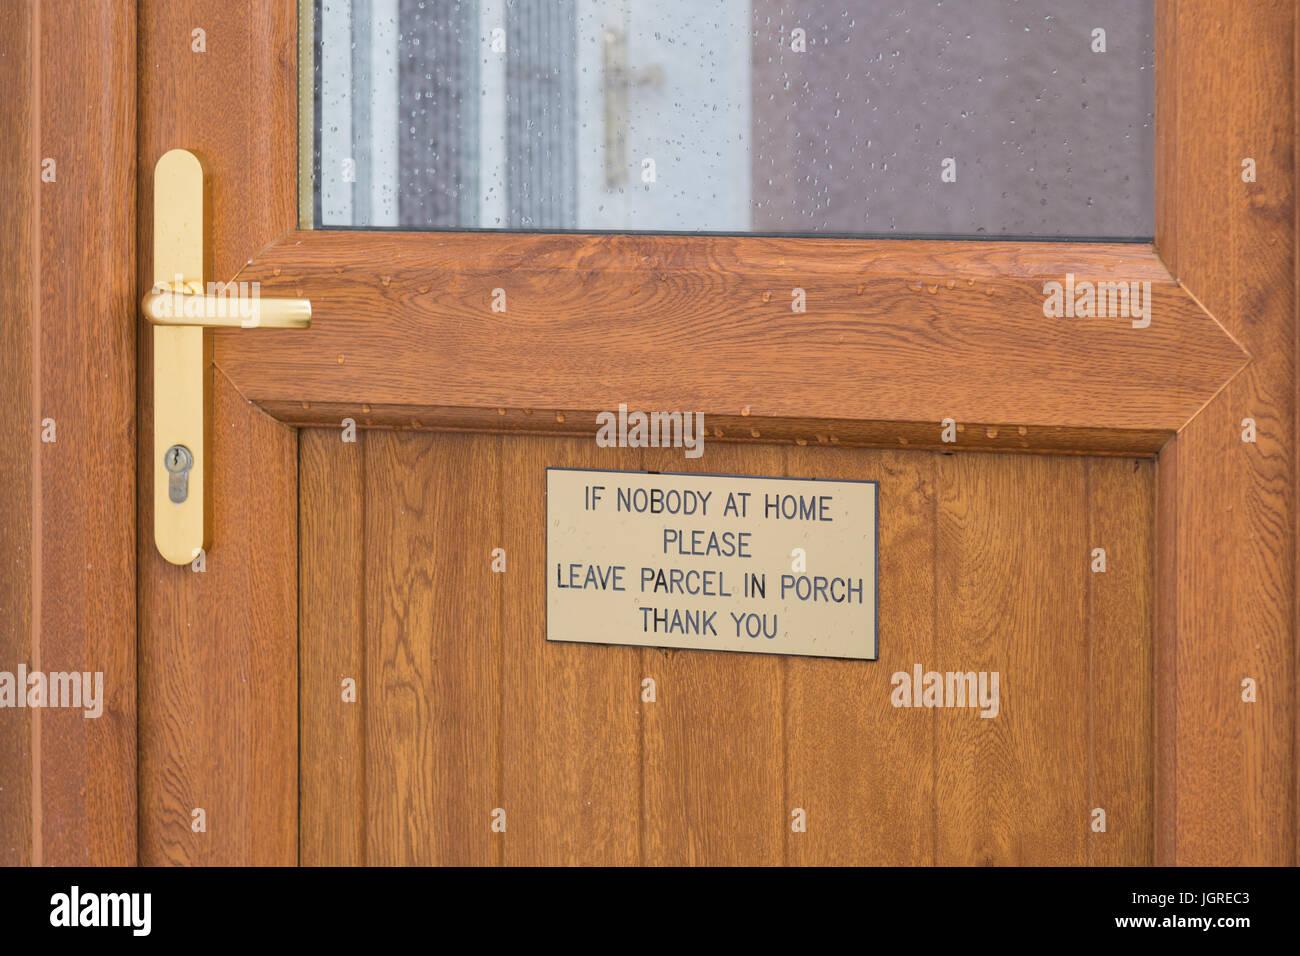 Magasinage en ligne des problèmes avec la livraison de colis - colis laissés dans l'emplacement non Photo Stock